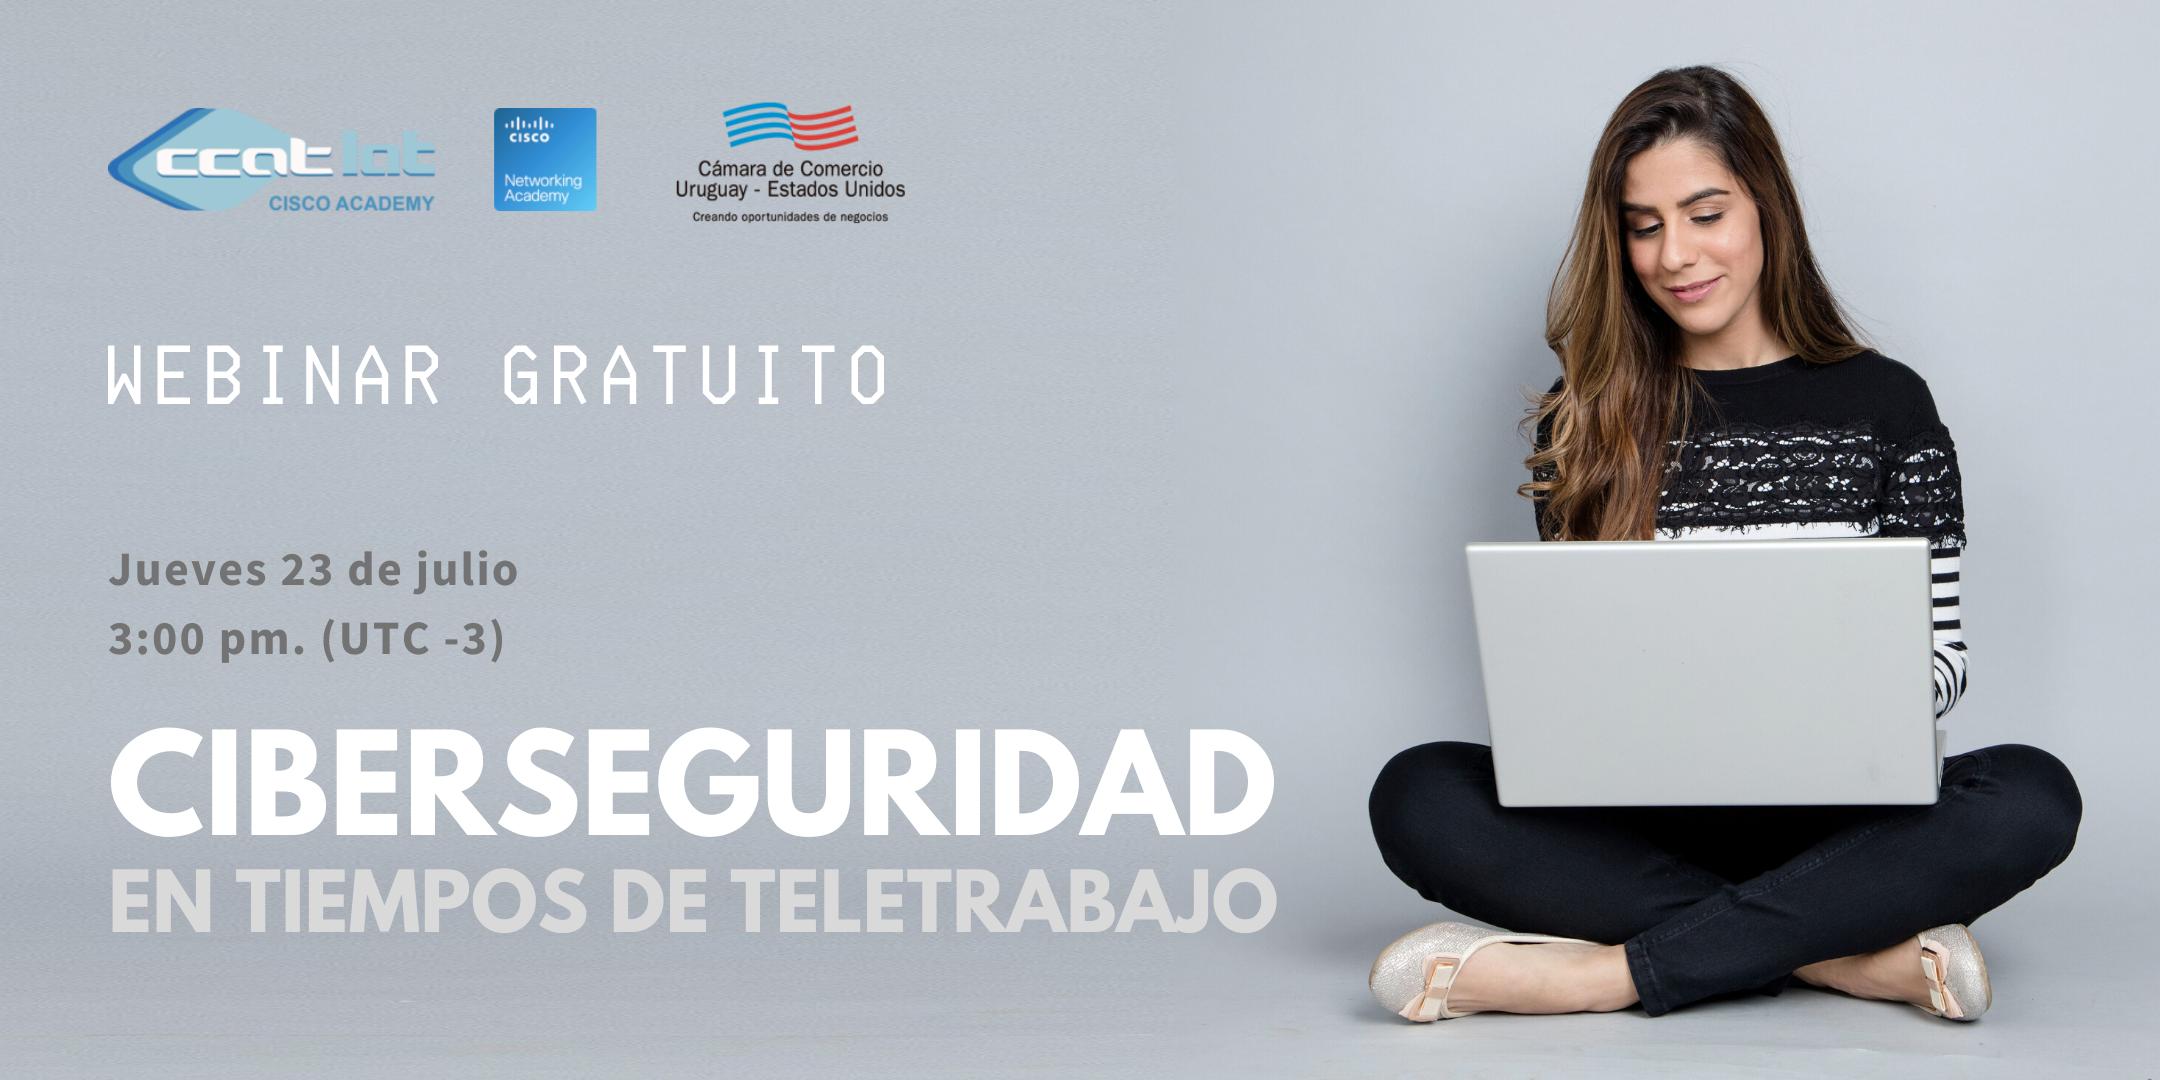 Webinar Ciberseguridad en tiempos de teletrabajo